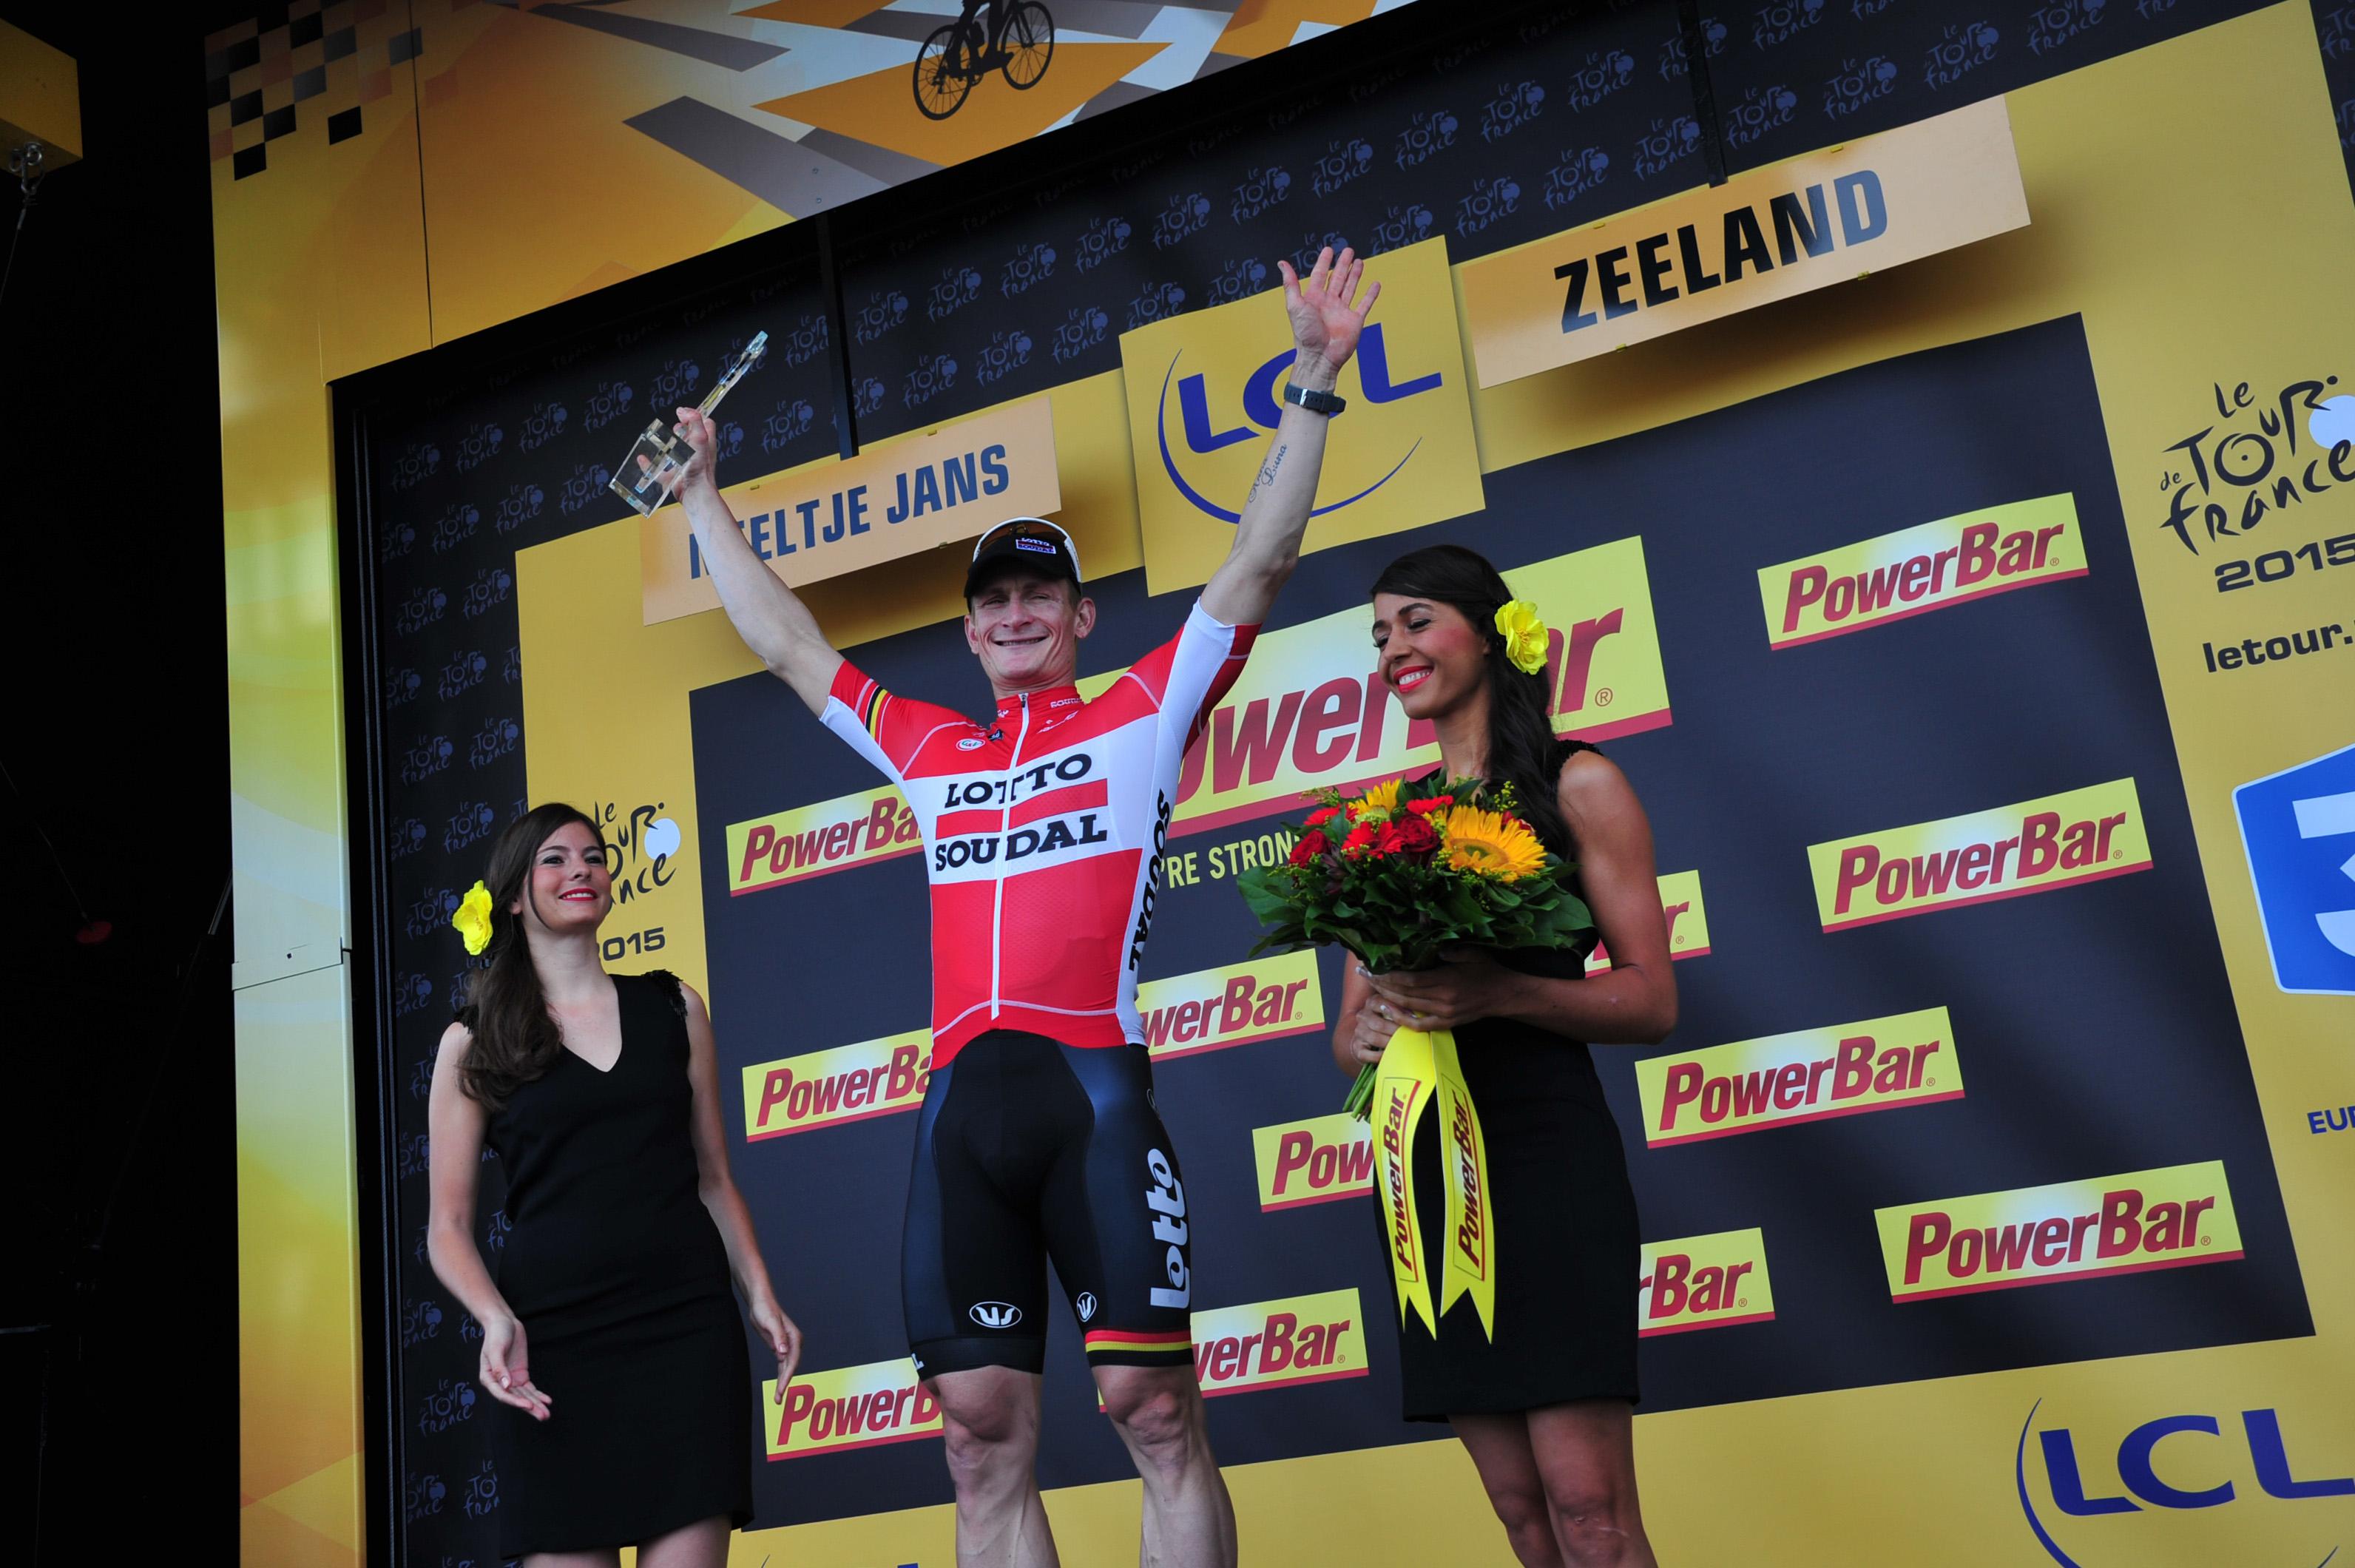 Andre Greipel - Lotto-Soudal - Verdienter Sieg nach einem tollen Rennen!